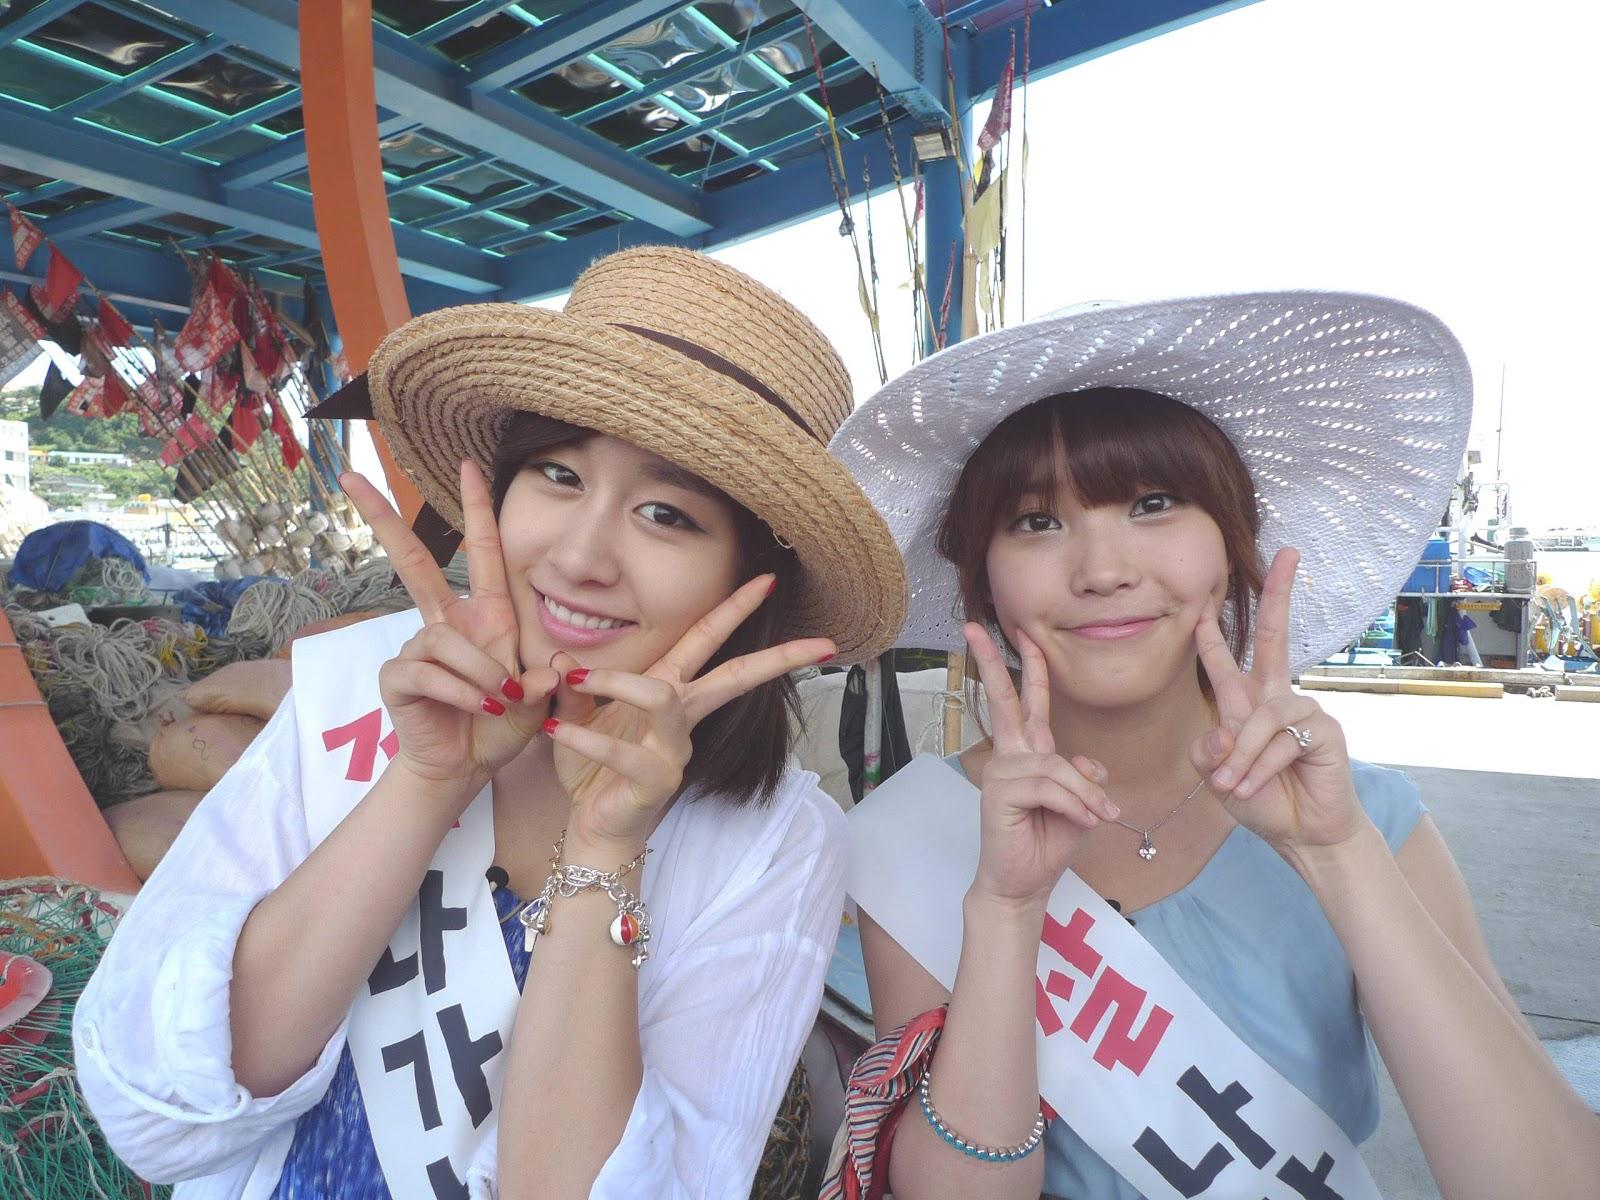 http://1.bp.blogspot.com/-t3aeon8y0x0/UR3fOtYSIzI/AAAAAAAAcVo/8sTCSvmCaOw/s1600/Jiyeon+IU+Wallpaper+HD.jpg